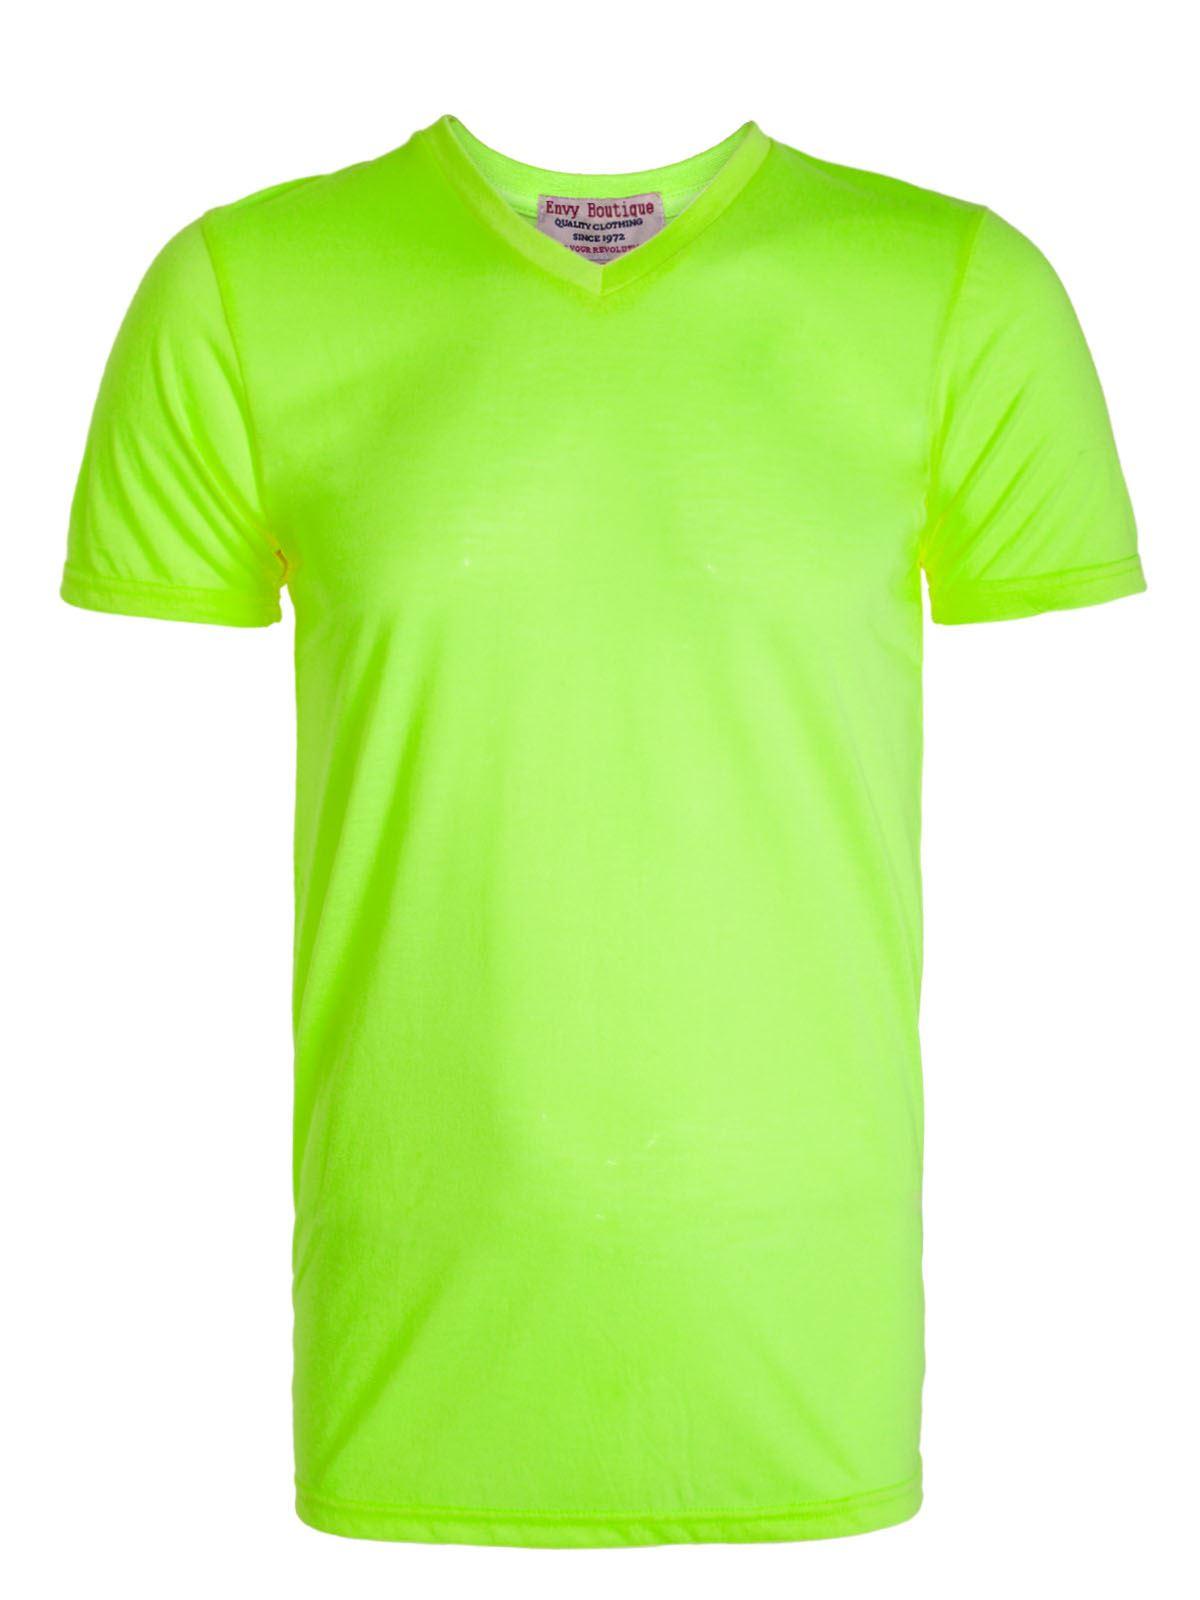 New Mens V Neck Neon Summer Top Short Sleeve Bright